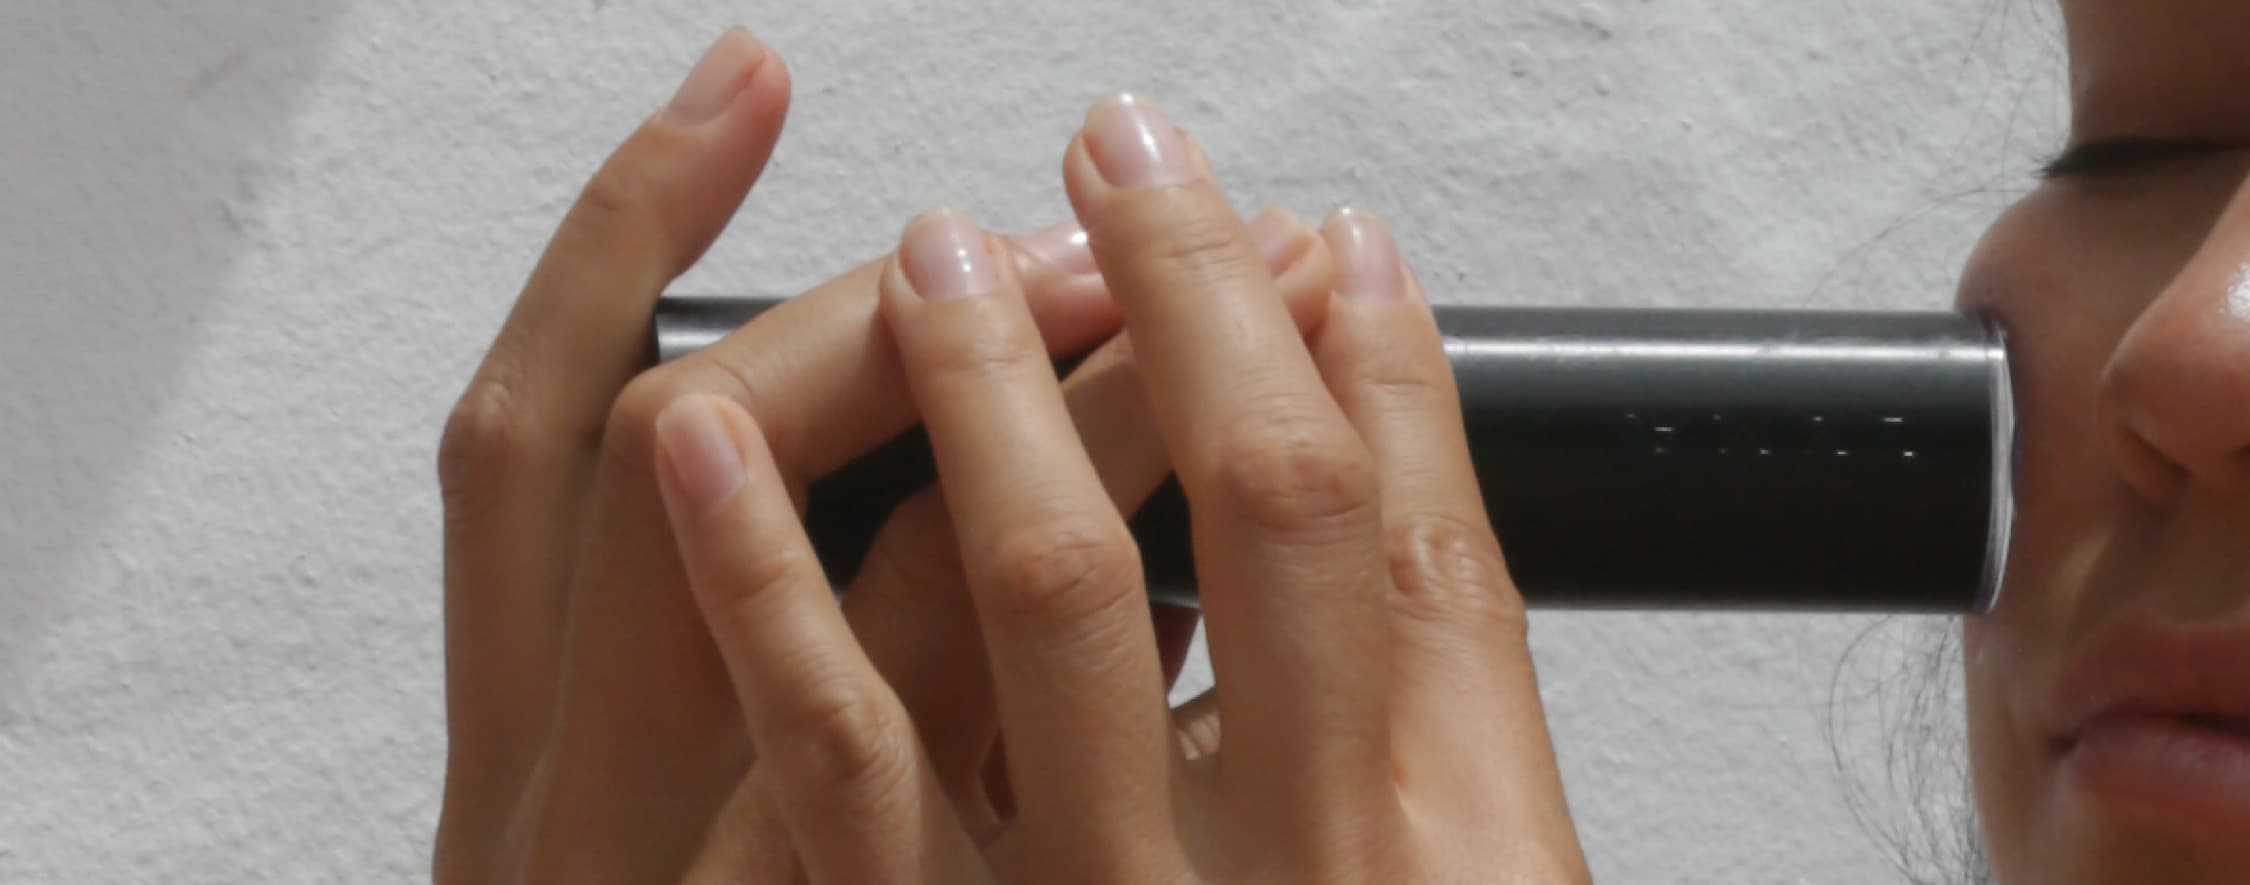 Hand laser cheek bone and under eye area